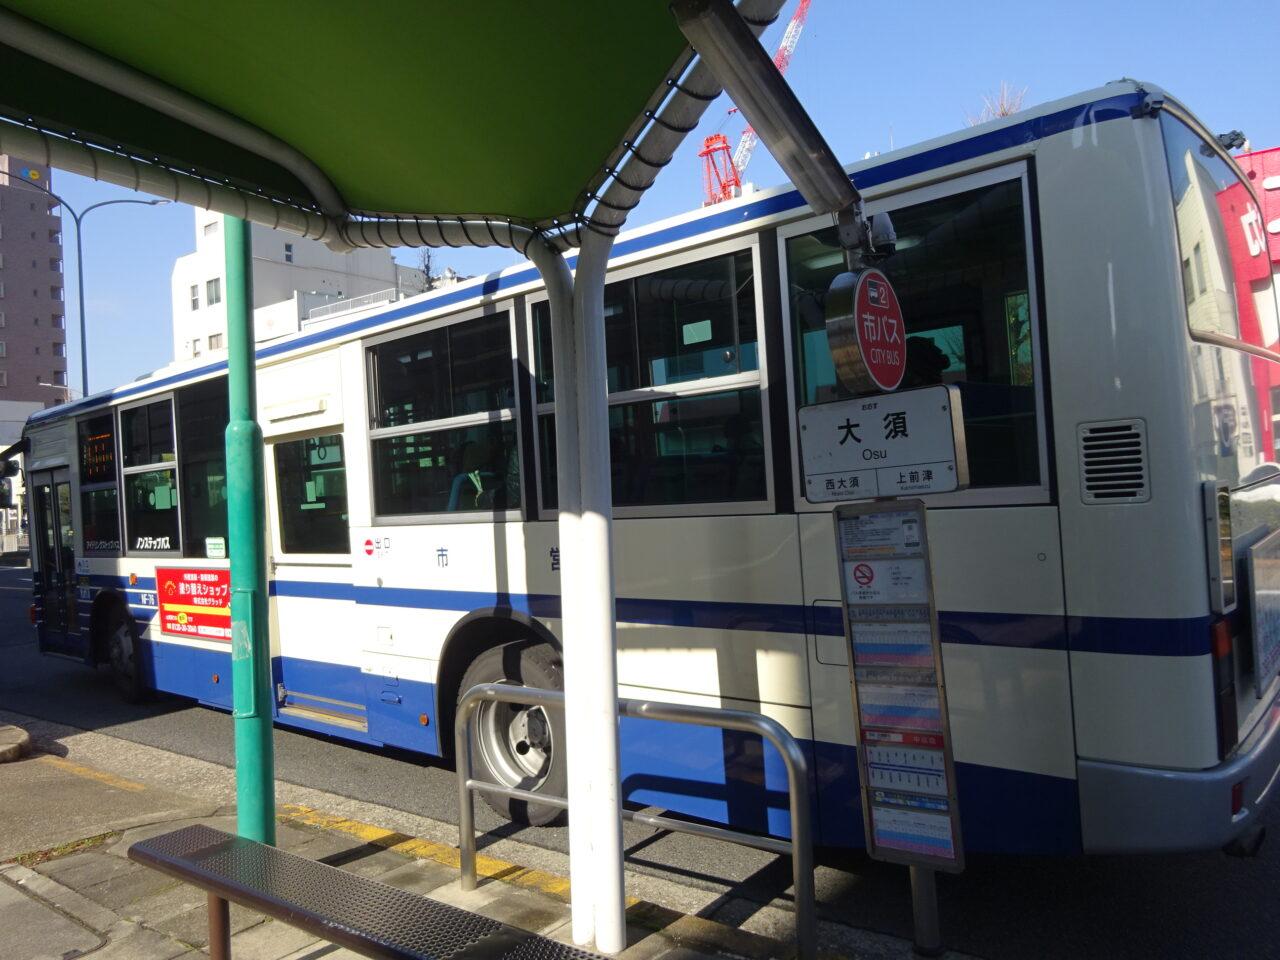 名古屋市バスの乗り方